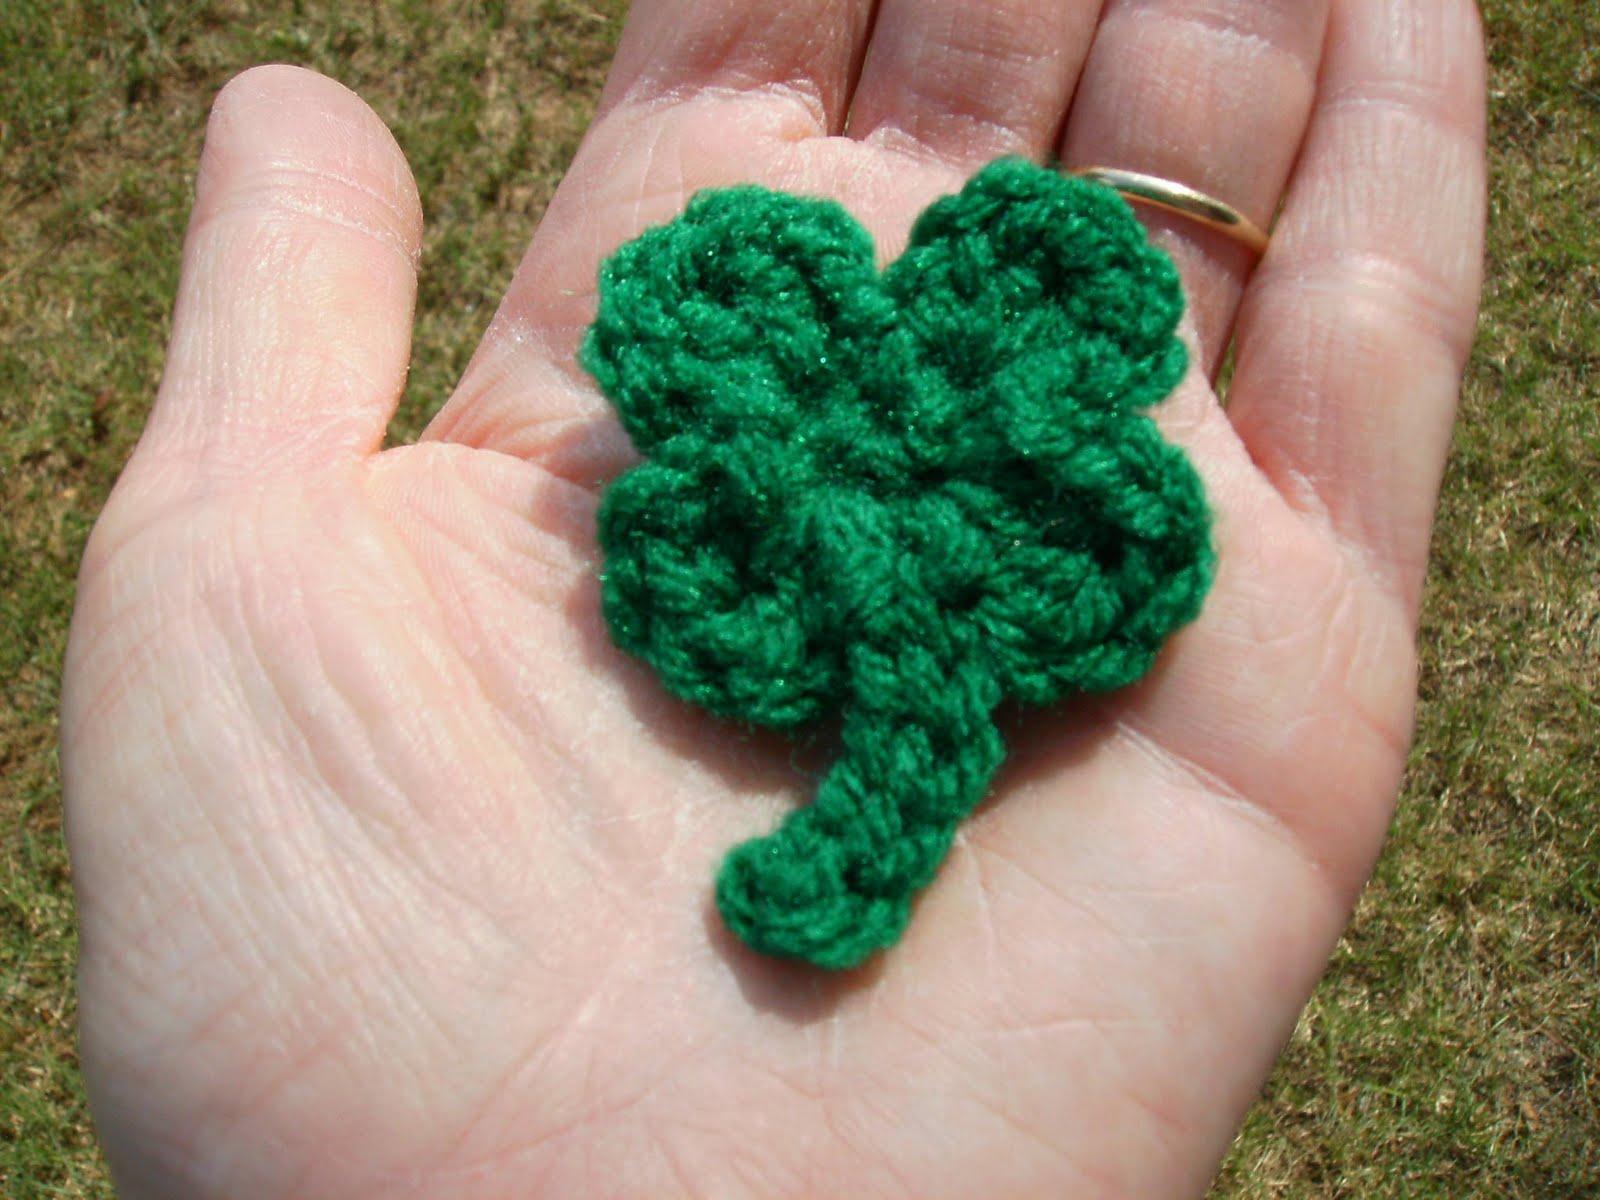 Crochet Patterns Using Scrap Yarn : Scrap Yarn Crochet